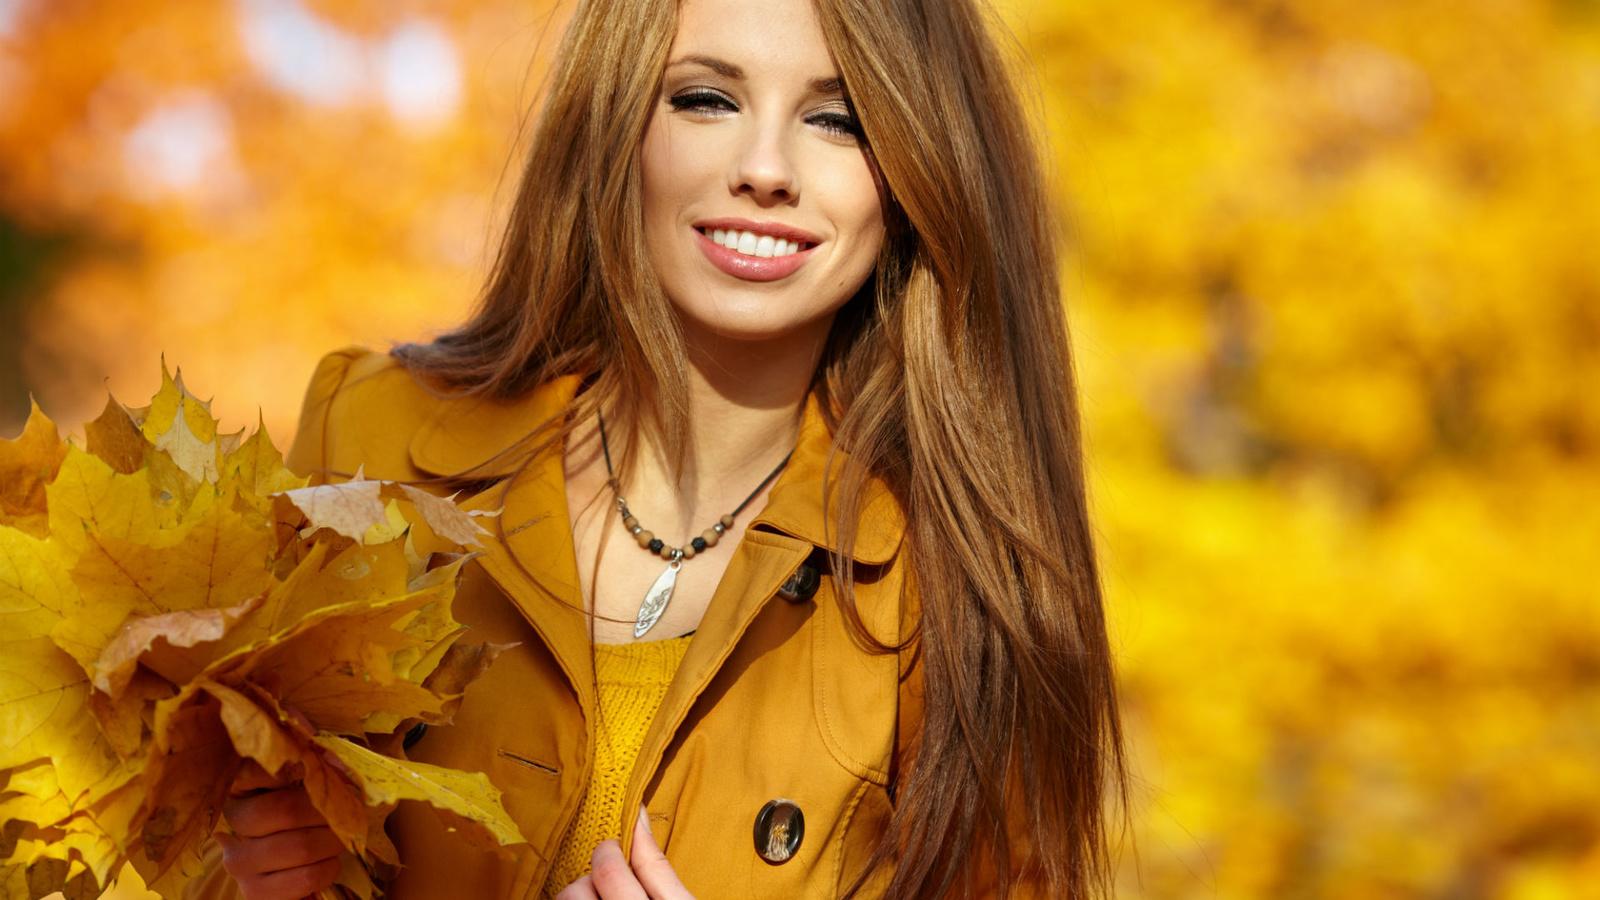 Женщина и осень картинки красивые